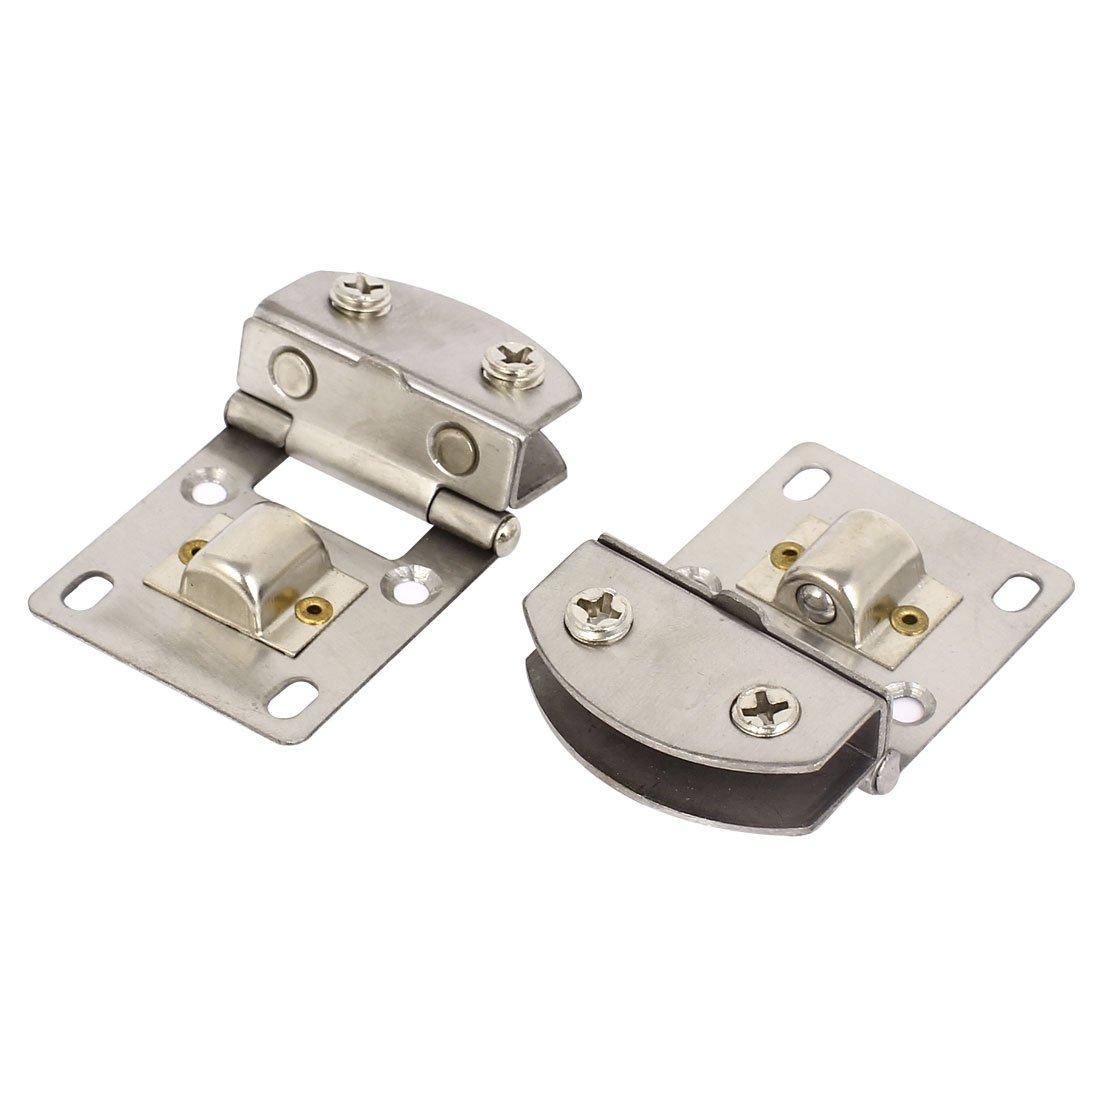 Puerta de cristal 8-10mm abrazadera de acero inoxidable bisagras de grosor carcasa rí gida 2 piezas Sourcingmap a15040100ux0071